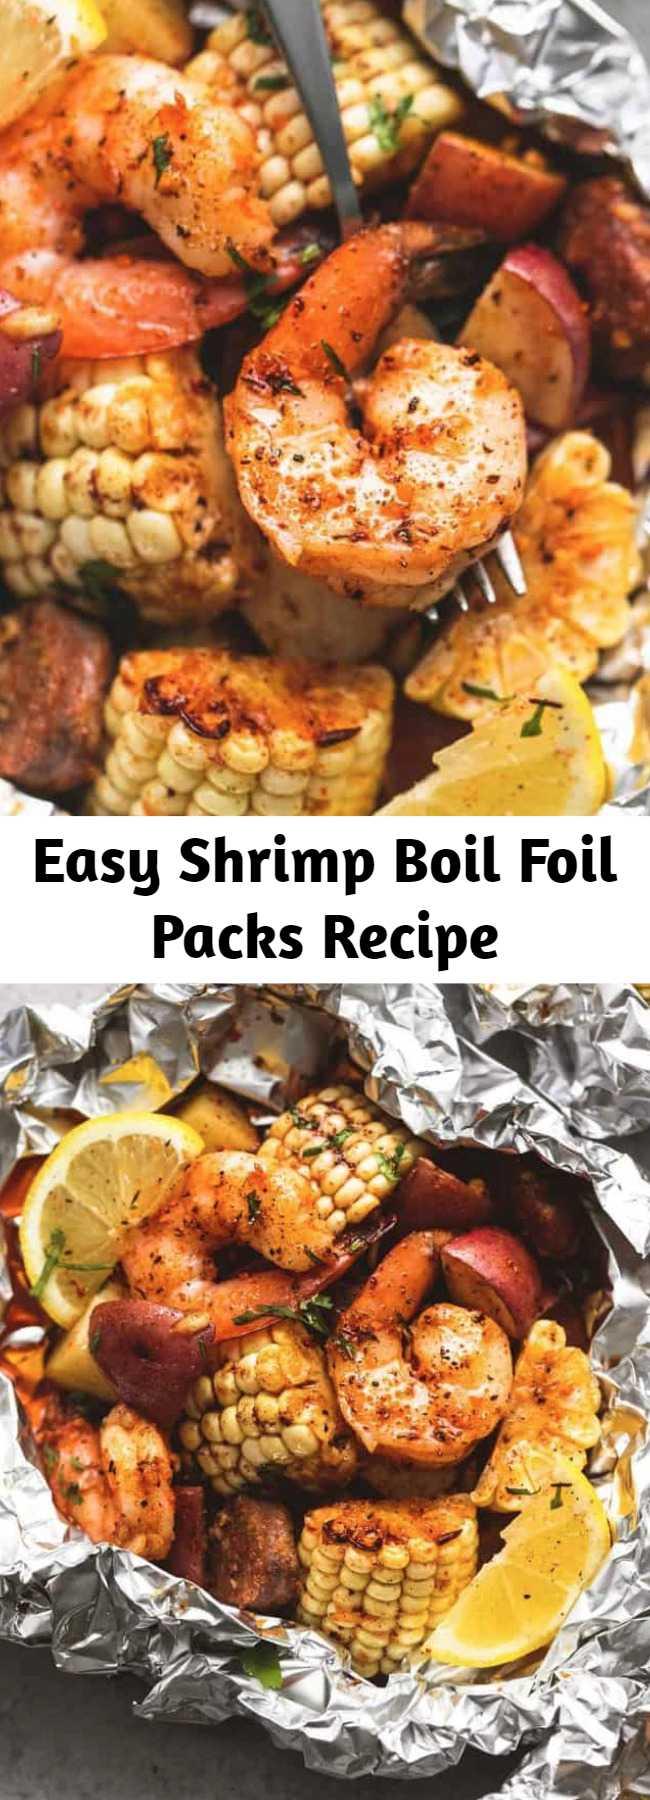 Easy Shrimp Boil Foil Packs Recipe - Easy, tasty shrimp boil foil packs baked or grilled with summer veggies, homemade seasoning, fresh lemon, and brown butter sauce. The BEST and easiest way to make shrimp boil at home!